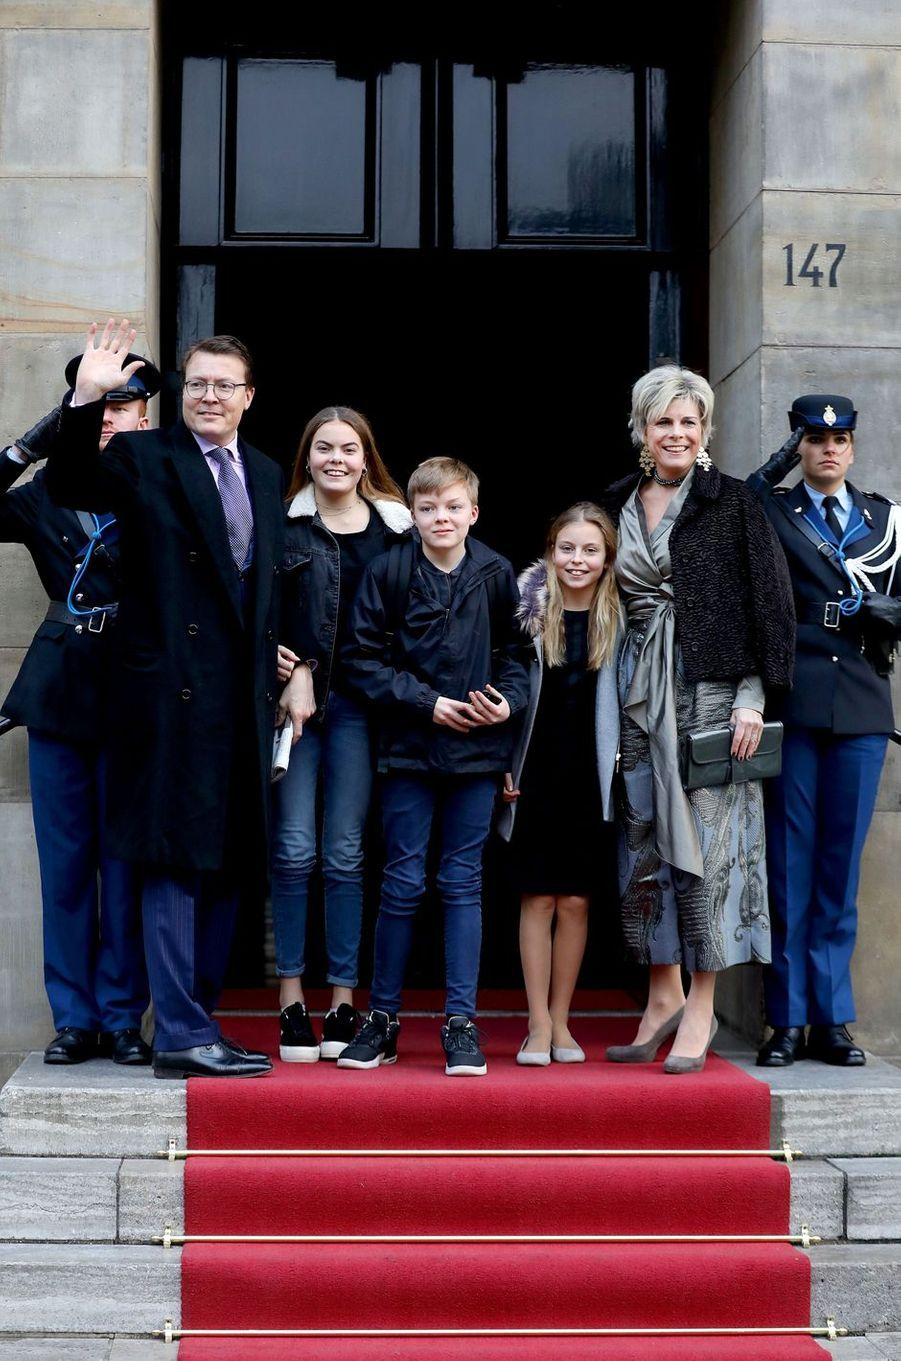 La princesse Laurentien et le prince Constantijn des Pays-Bas et leurs trois enfants à Amsterdam, le 3 février 2018